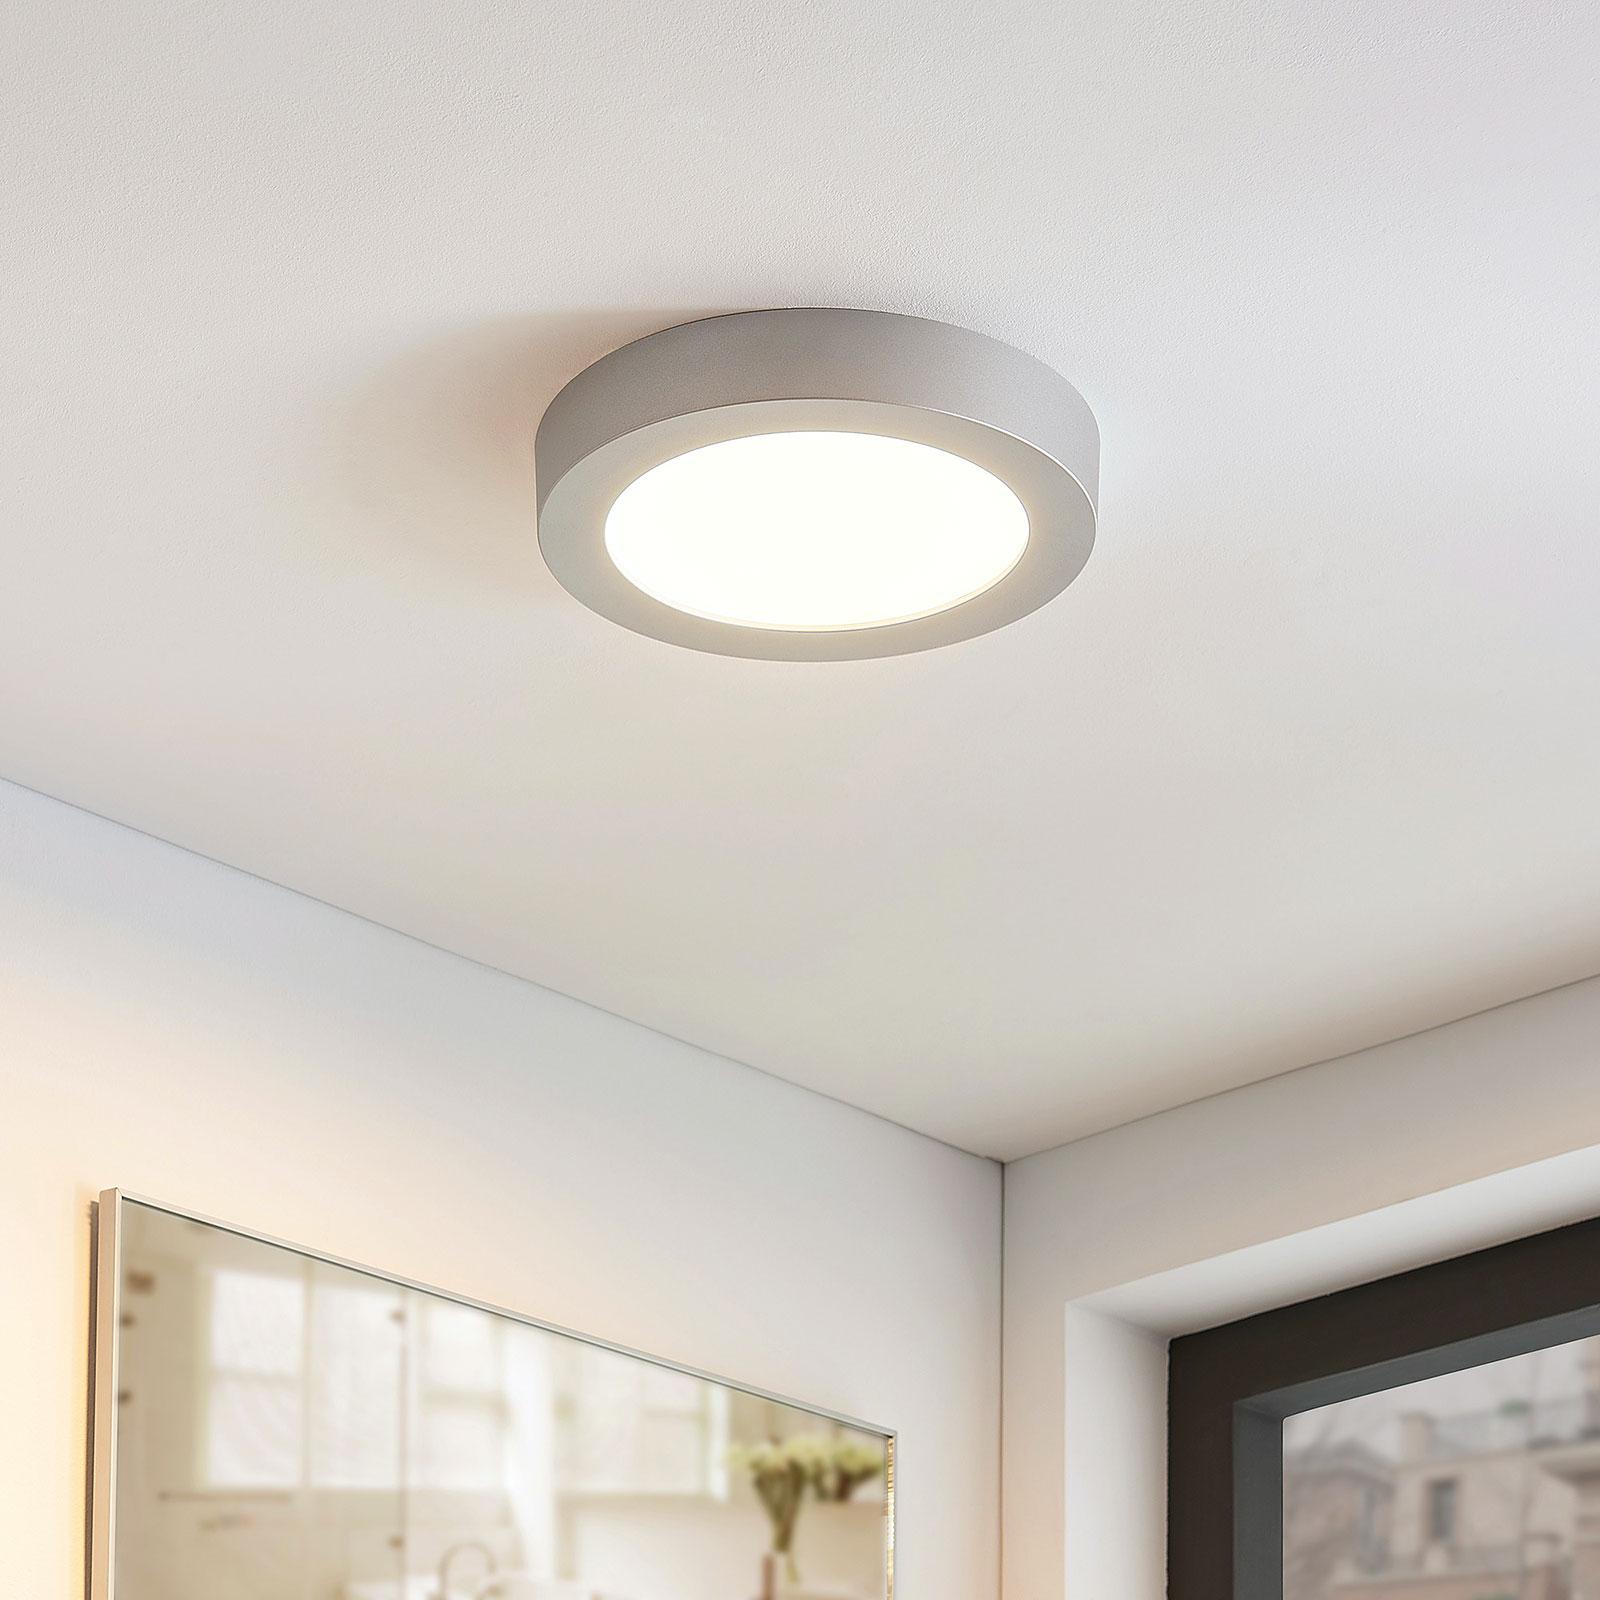 Plafonnier LED Marlo argenté 3000K rond 25,2cm